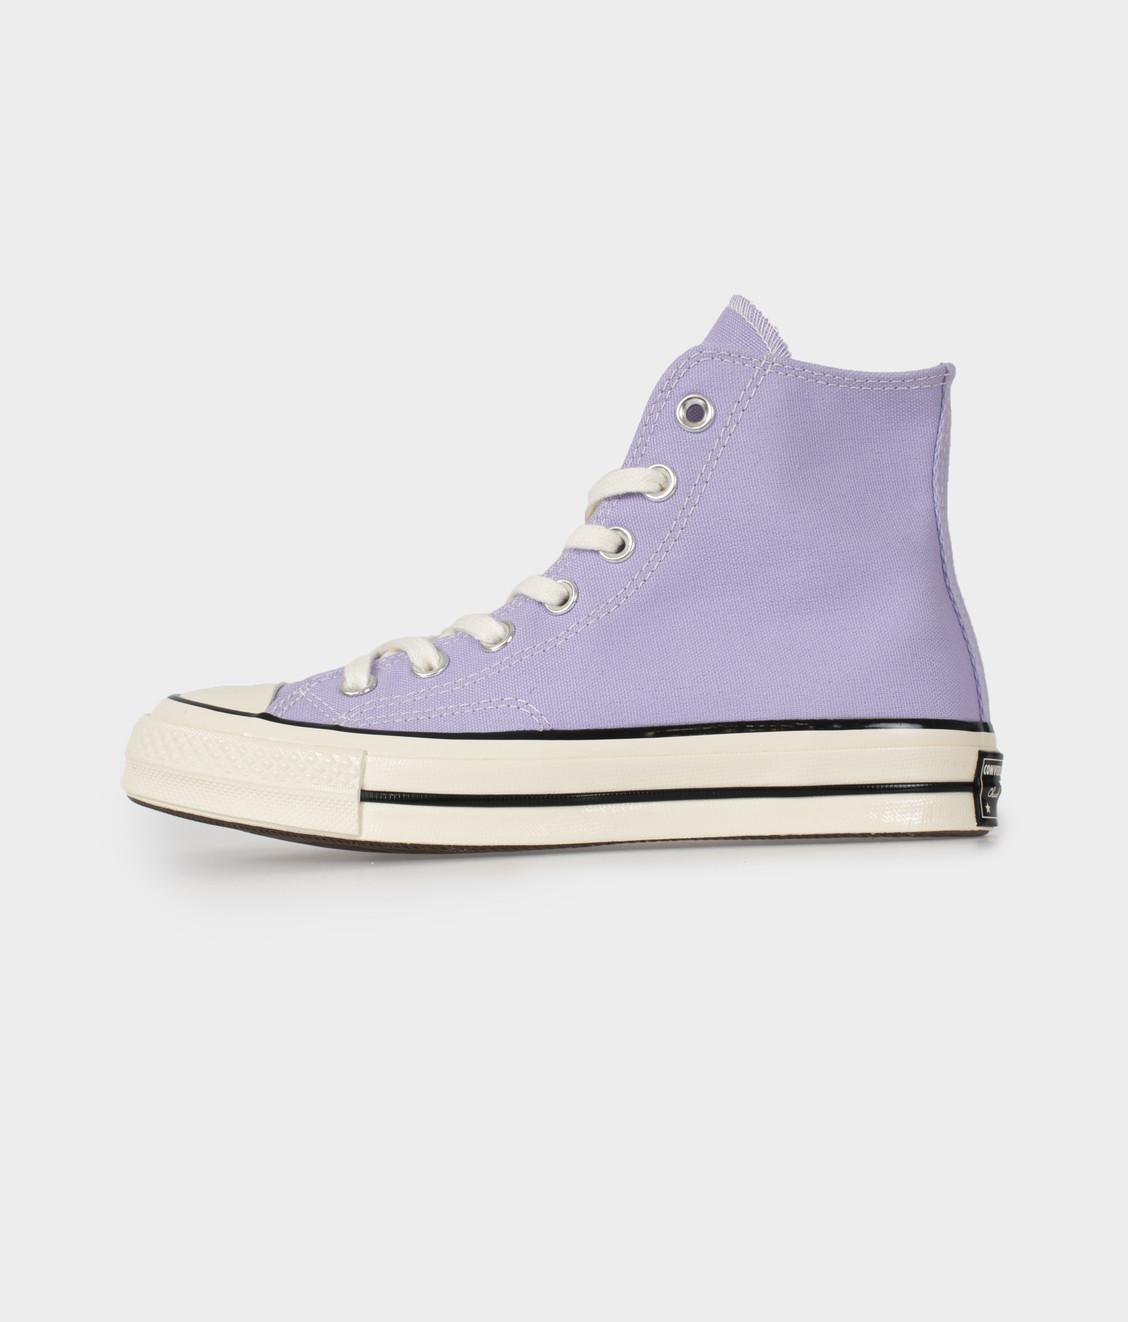 Converse Converse Chuck 70 Hi Lilac